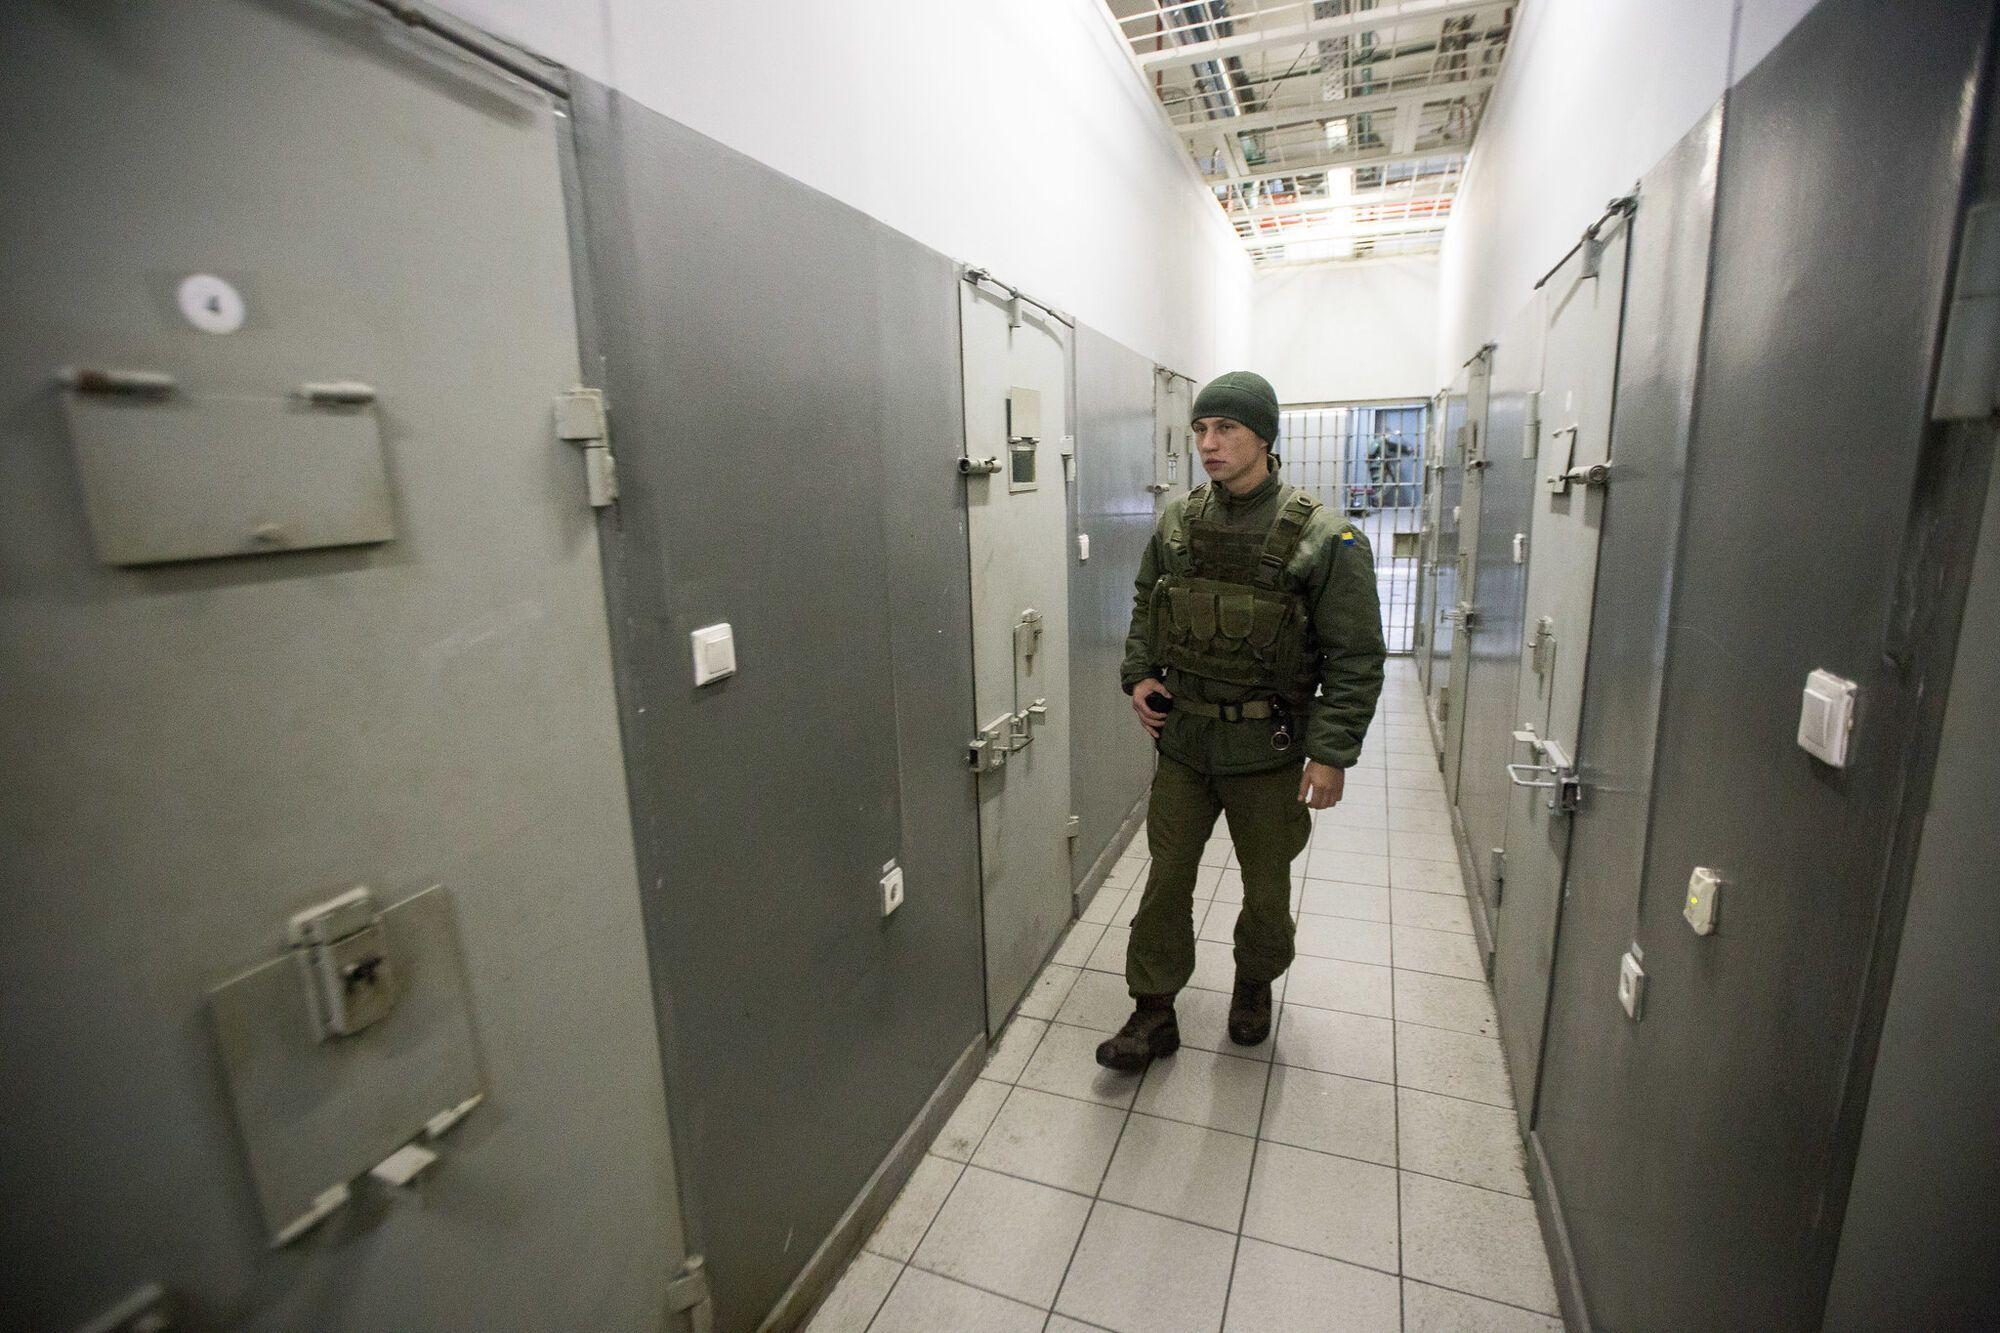 забезпечують конвоювання ув'язнених...